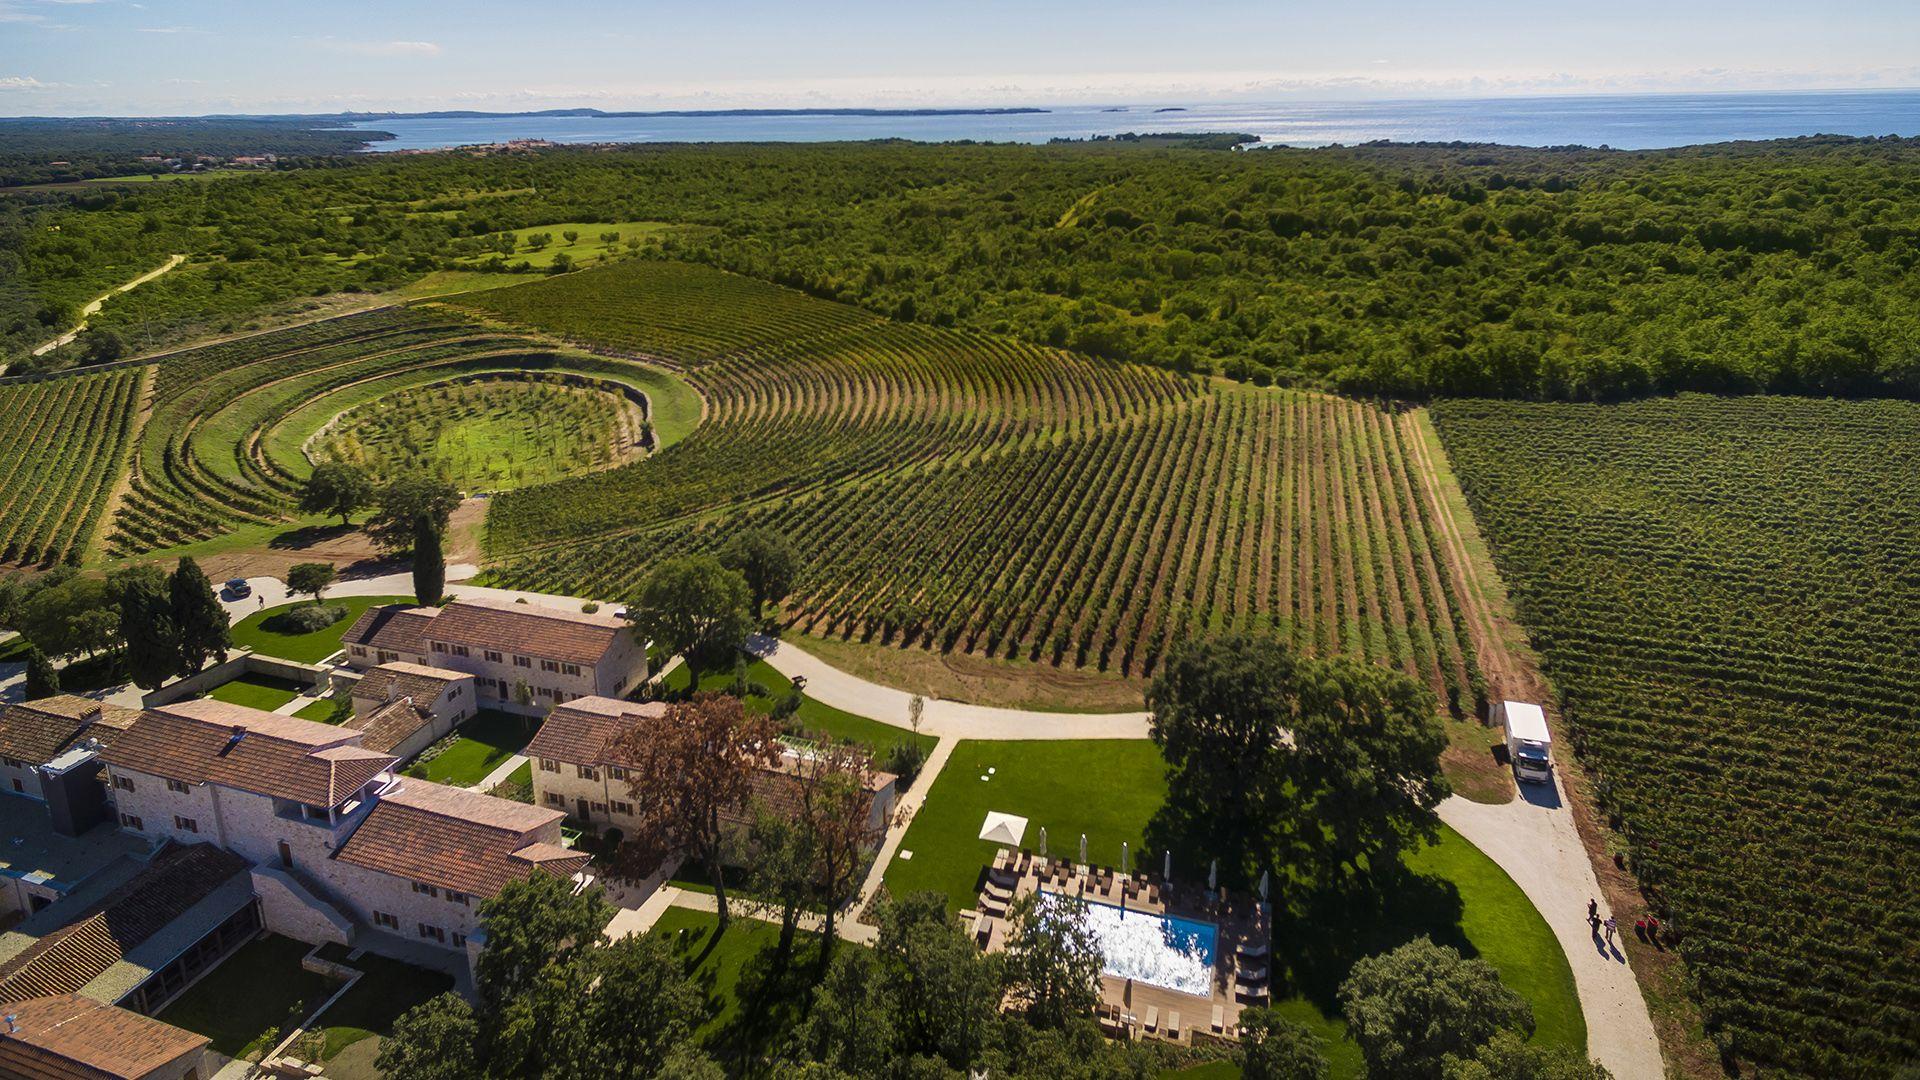 Meneghetti-borászat: Horvátország legjobban őrzött titka